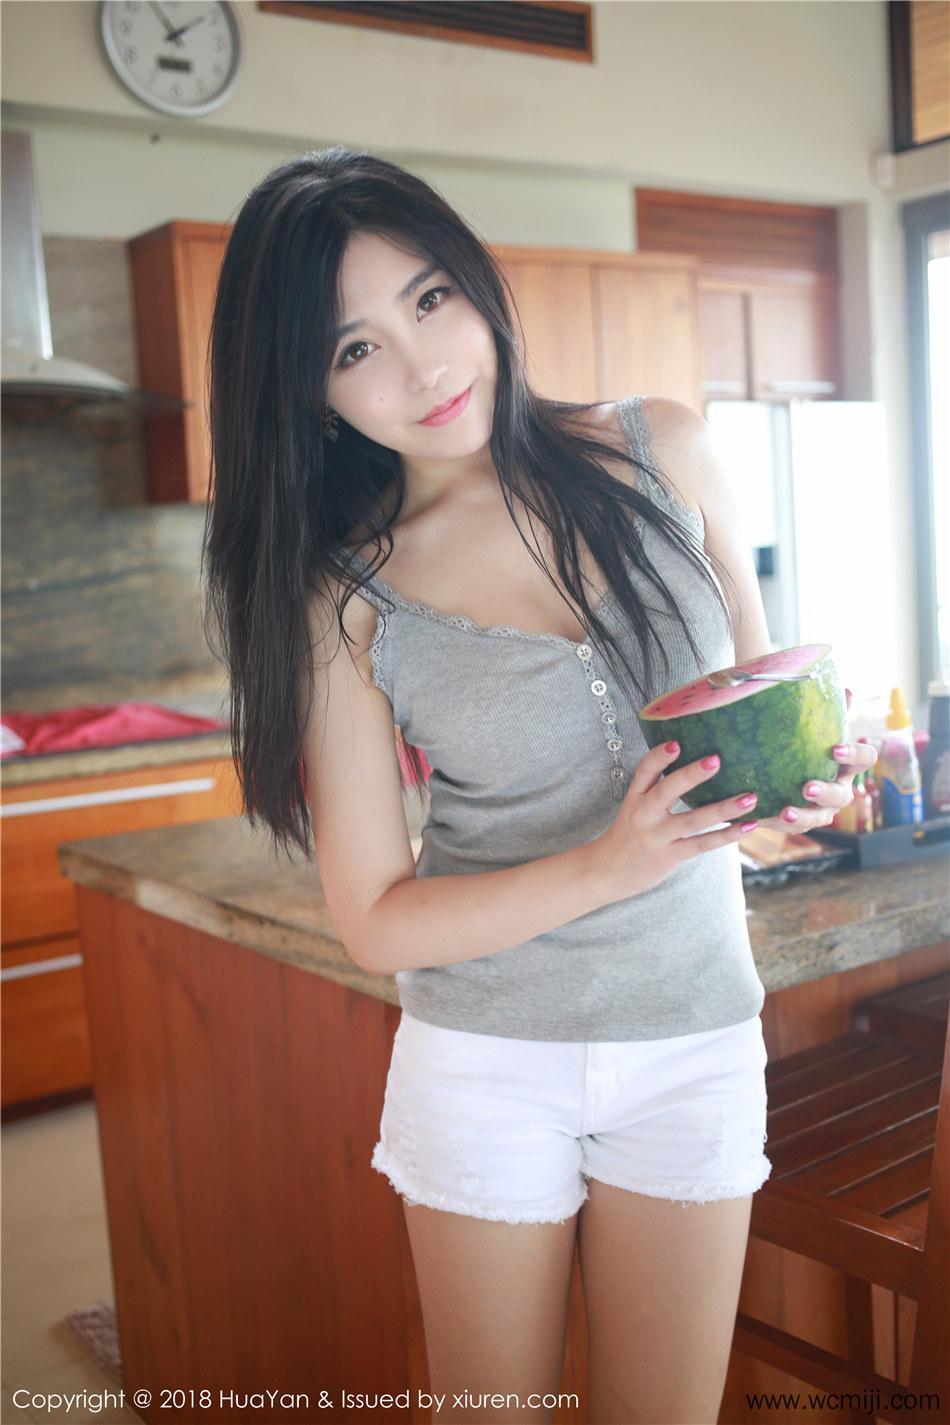 【花の颜 】【许诺】大胸极品美女许诺Sabrina Vol.053【30P】 写真集